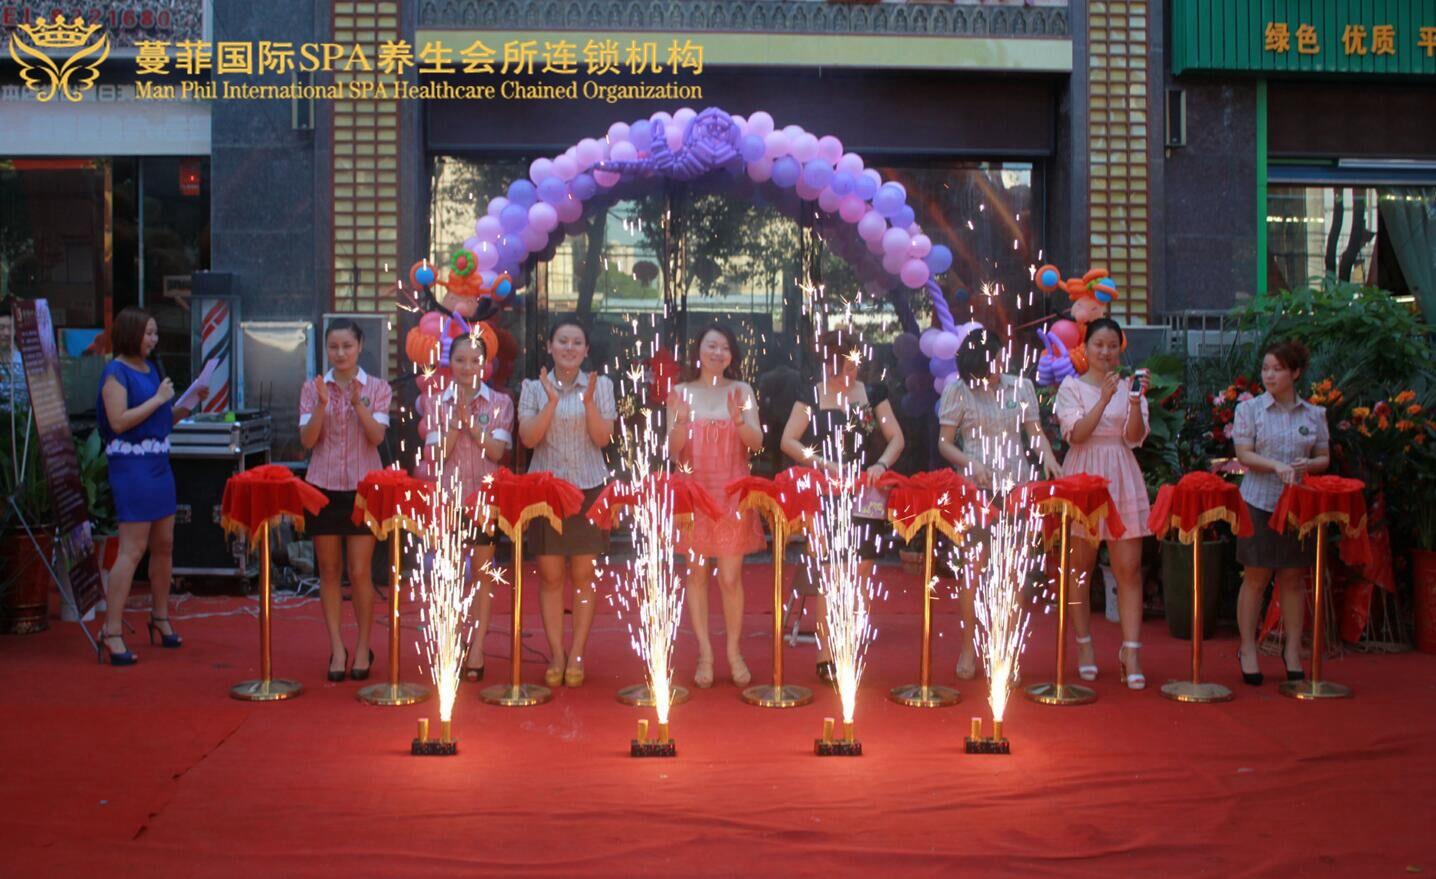 蔓菲国际湖南美容加盟店开业典礼